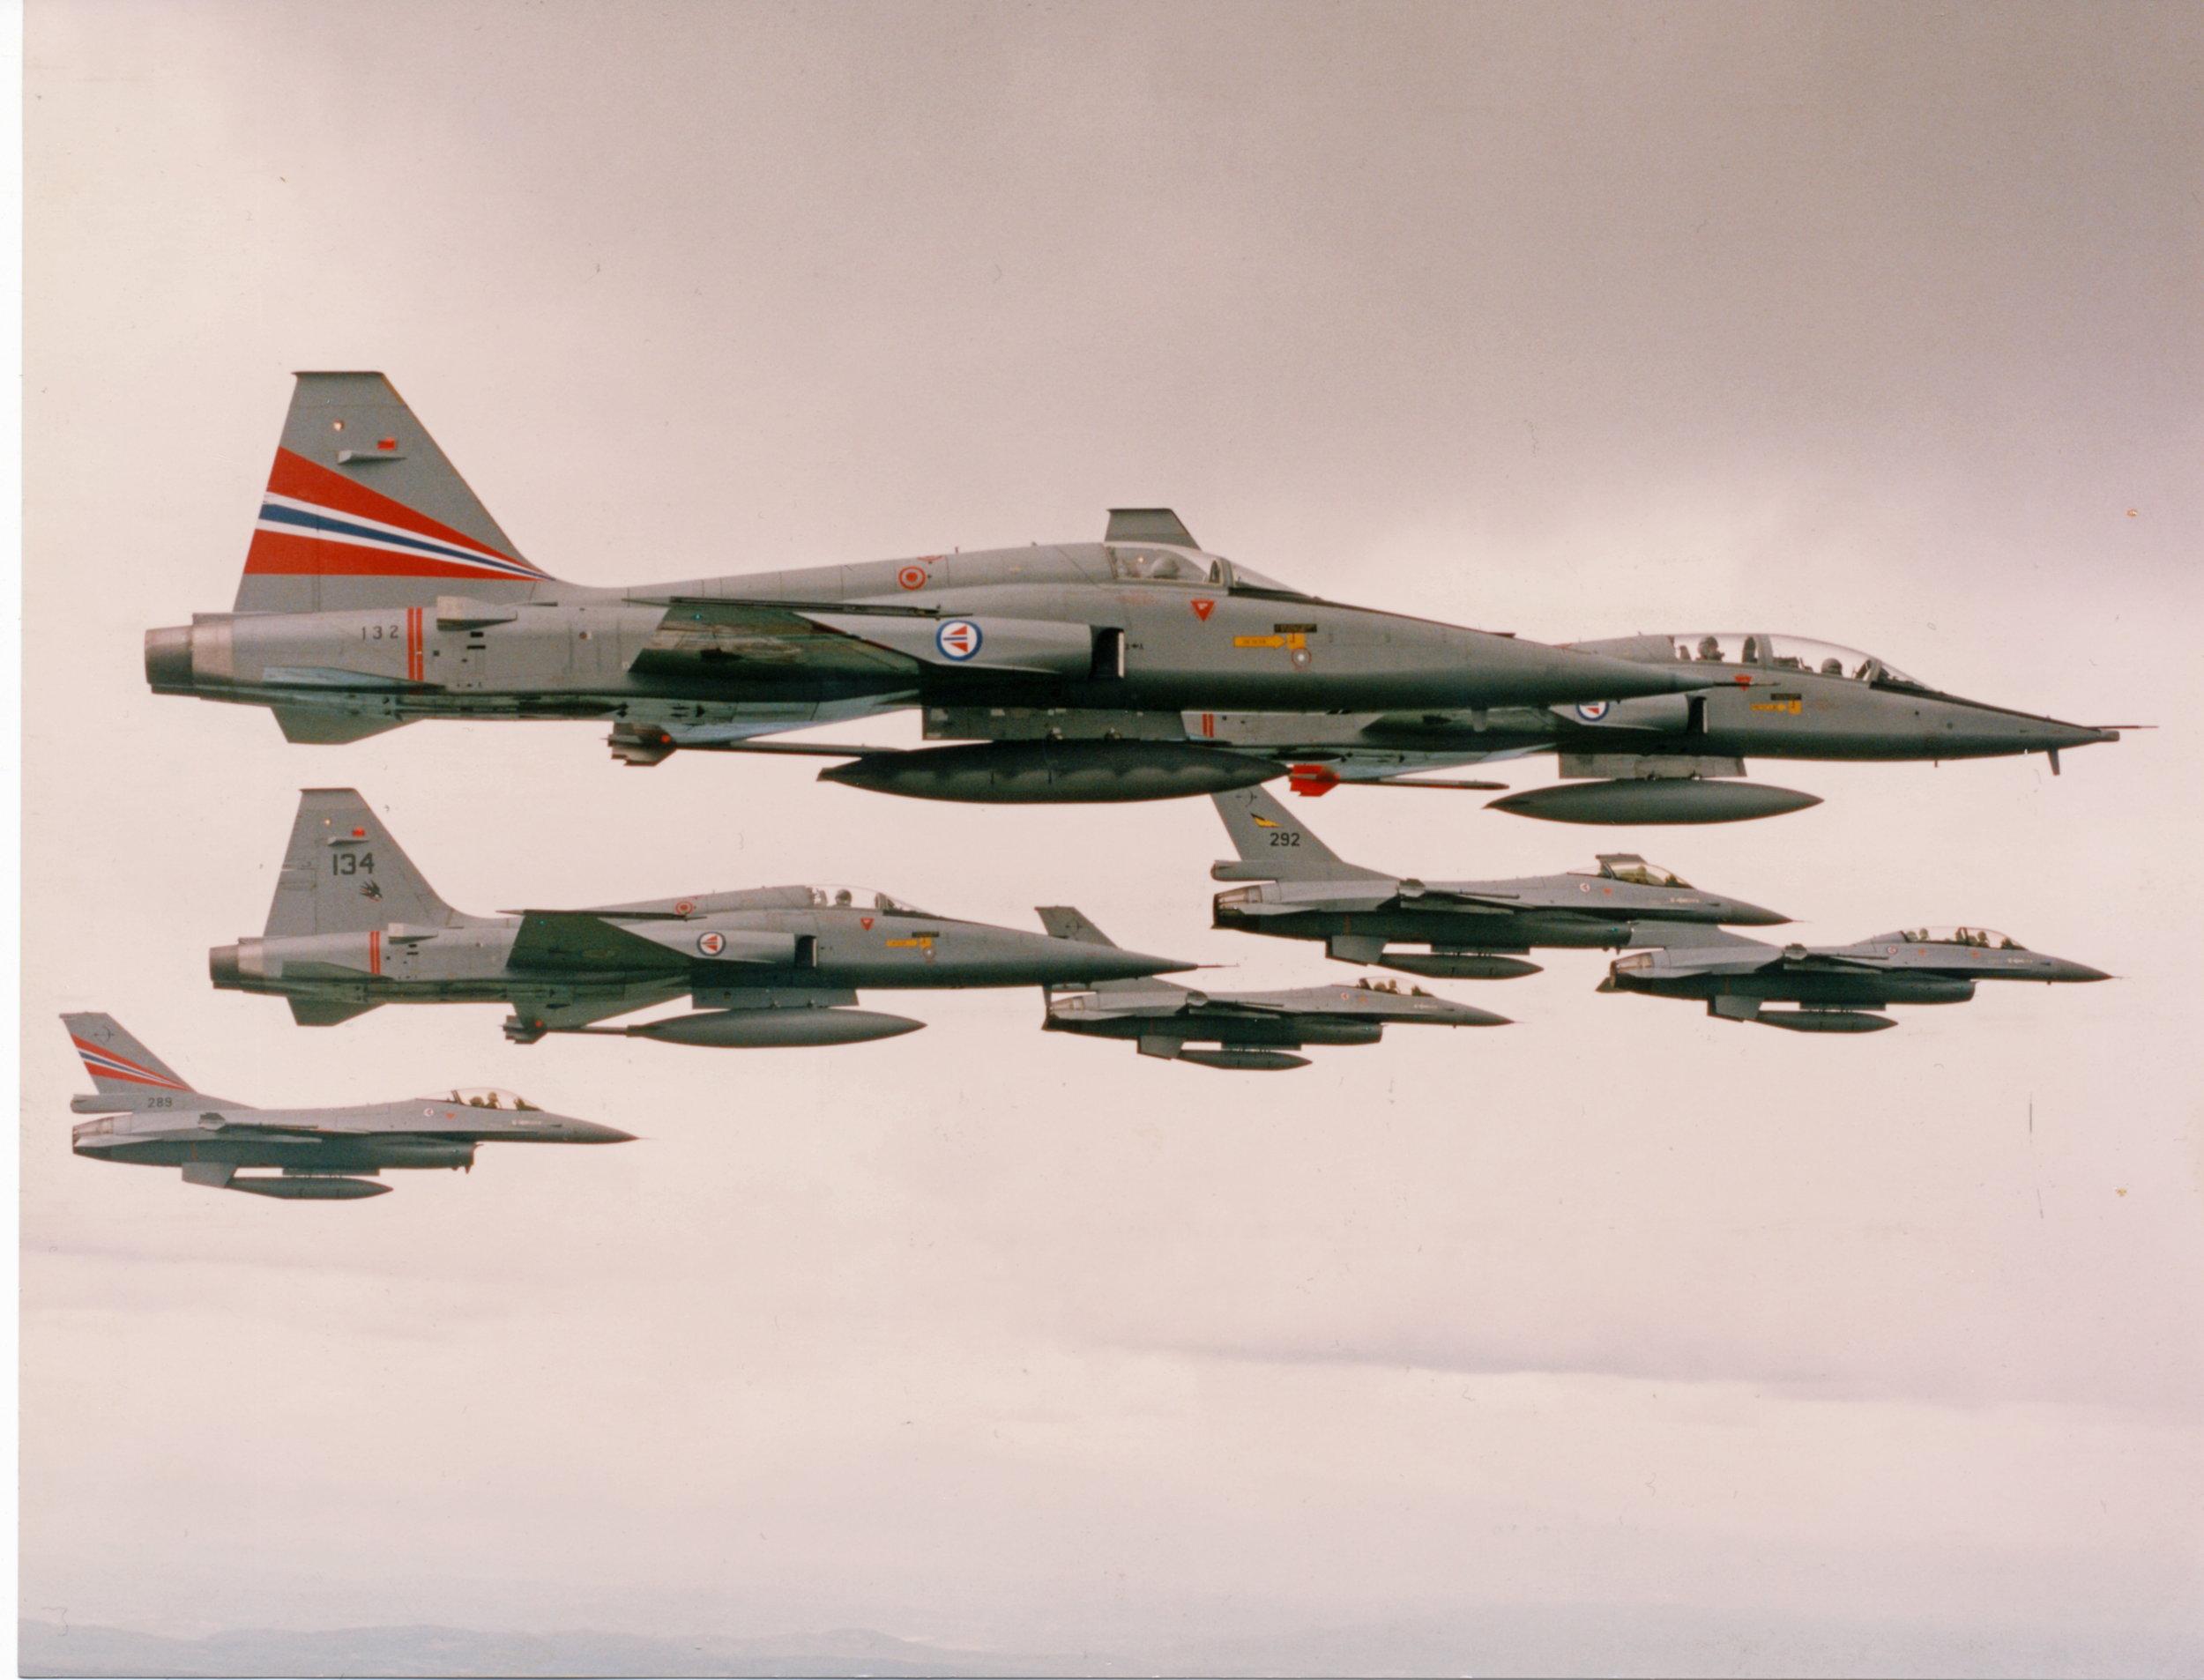 F-5A 132 i spesialmerking for Luftforsvarets 50års jubileum 1994.                                                          Foto Rudolf Holm, Rygge hovedflystasjon